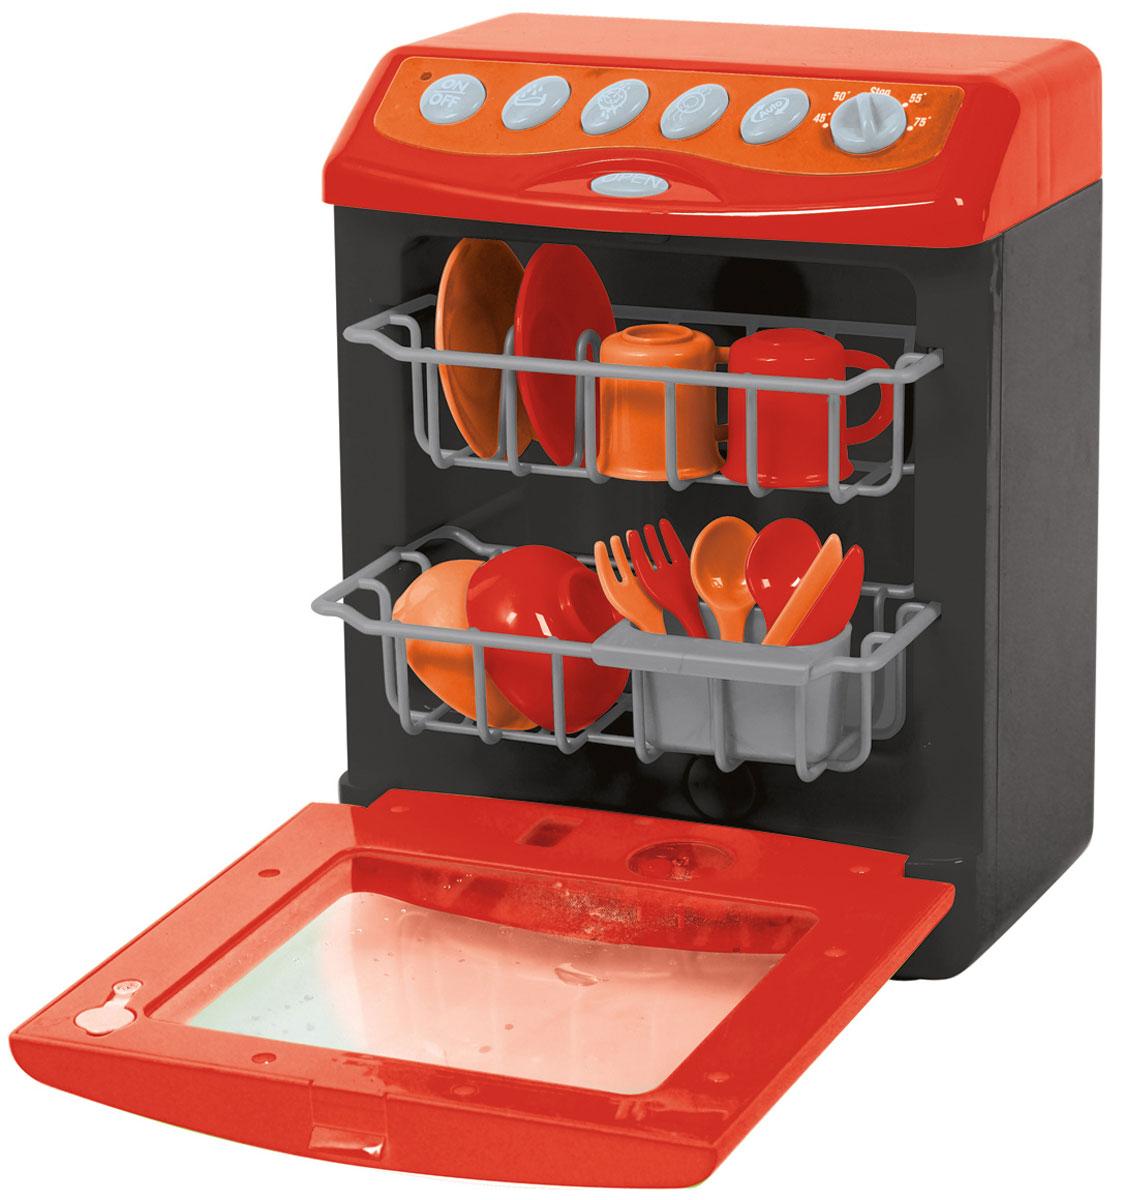 Playgo Посудомоечная машина ДелюксPlay 3635Посудомоечная машина Playgo Делюкс непременно понравится вашему ребенку и не позволит ему скучать. Она выполнена из прочного пластика и выглядит совсем как настоящая. Панель управления имеет множество кнопок: кнопки включения-выключения, 4 программы мытья посуды, сушка, открывание дверцы, регулировка уровня температуры. Кроме того, в машине имеется подсветка. Также в комплект входят 2 выдвижные полки для посуды, подставка для столовых приборов, 2 чашки, 2 вилки, 2 ножа, 2 тарелки и 2 миски. Чтобы загрузить грязную посуду в машину, необходимо нажать кнопку OPEN. Во время работы машина издает реалистичные звуки, имитирующие циркуляцию воды и сушку. Такая игрушка поможет ребенку развить звуковое восприятие, мелкую моторику рук и координацию движений, а также станет важным элементом сюжетно-ролевых игр ребенка и познакомит его с работой настоящих бытовых приборов. Порадуйте вашего малыша таким замечательным подарком! Необходимо докупить 3 батарейки...